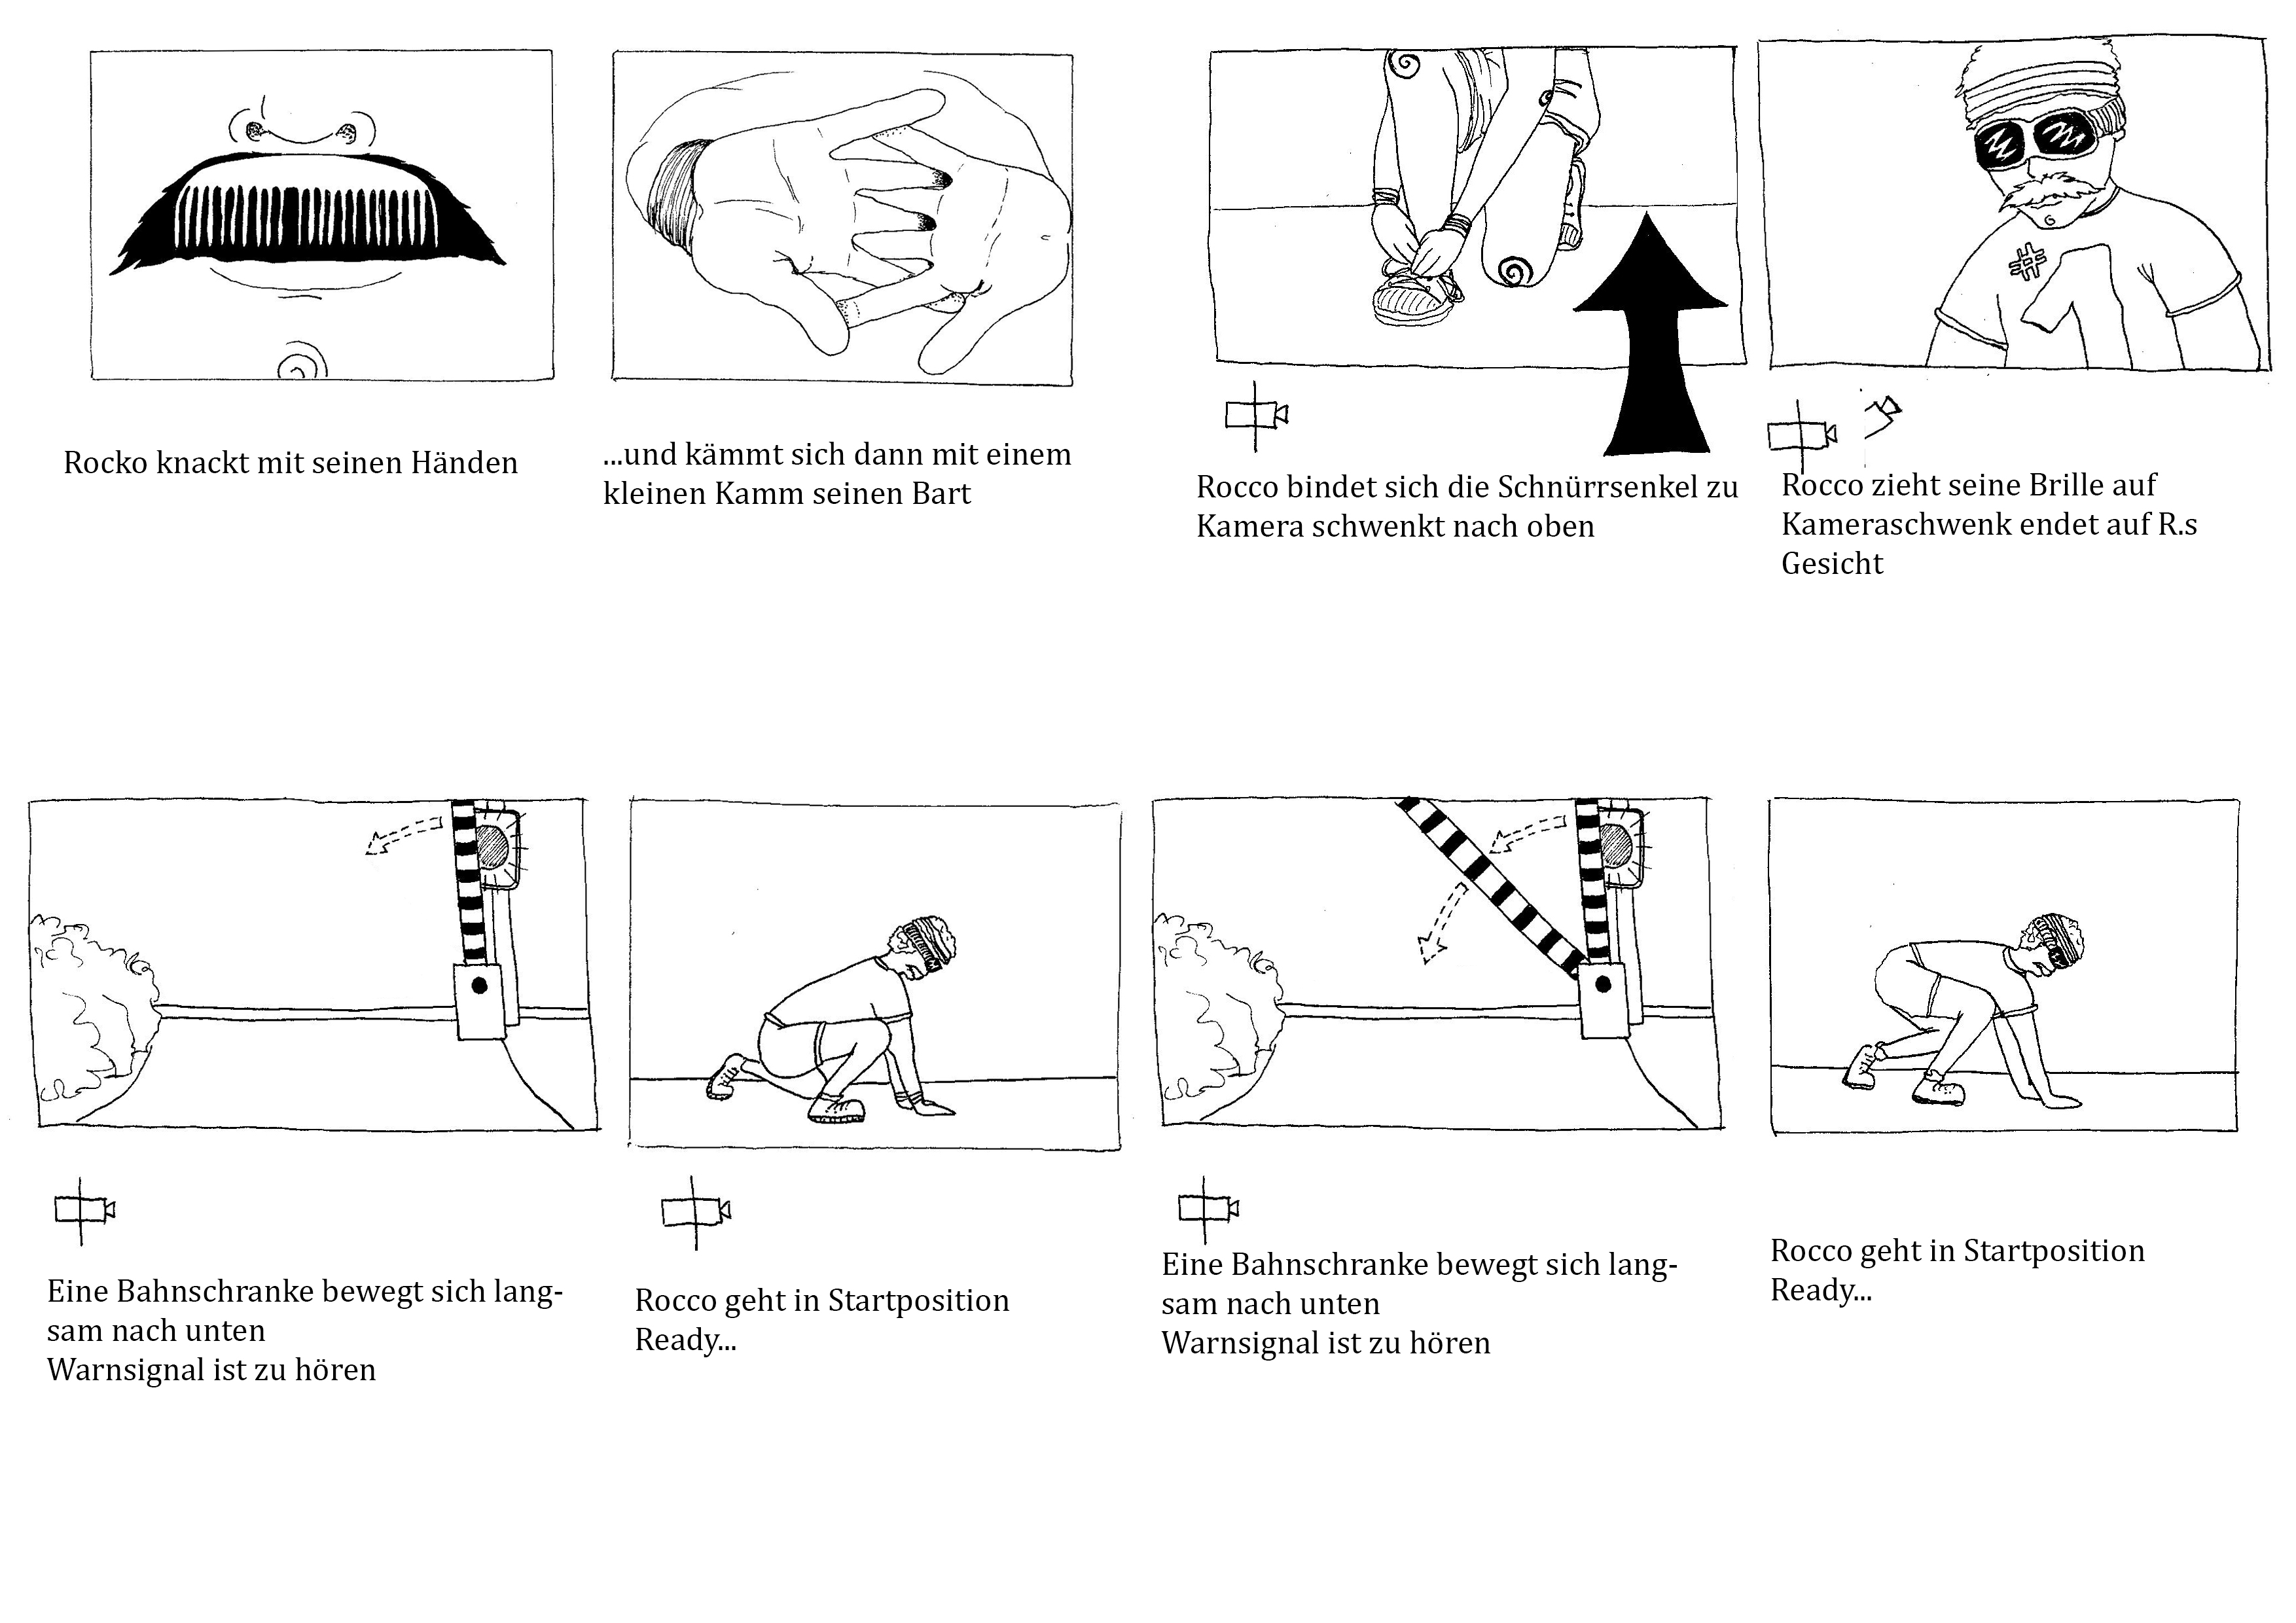 Storyboard 21_5 a